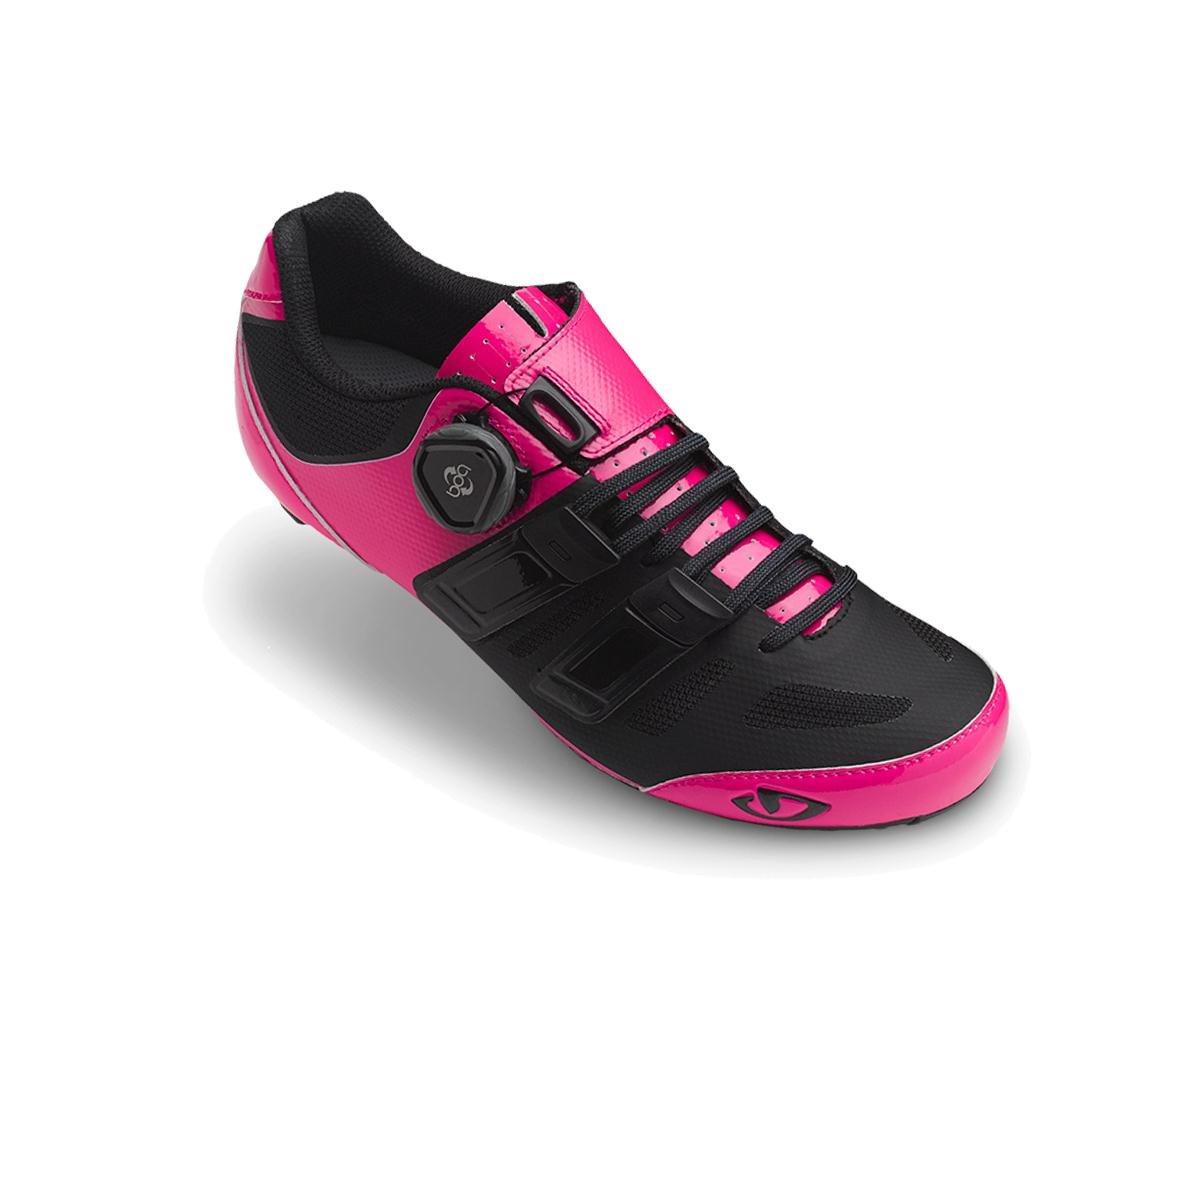 Bright Pink Black 41.5 EU Giro Raes Techlace Cycling shoes  Women's